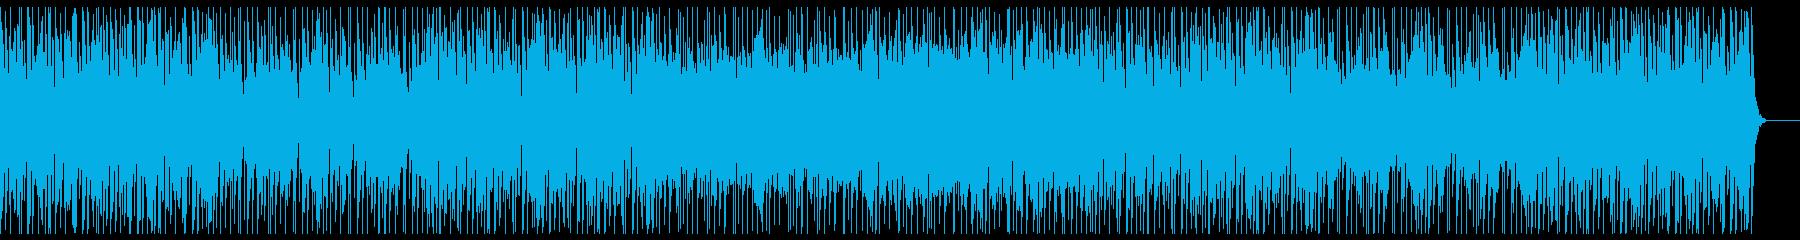 楽しい/トロピカル/夏/明るい南国曲の再生済みの波形